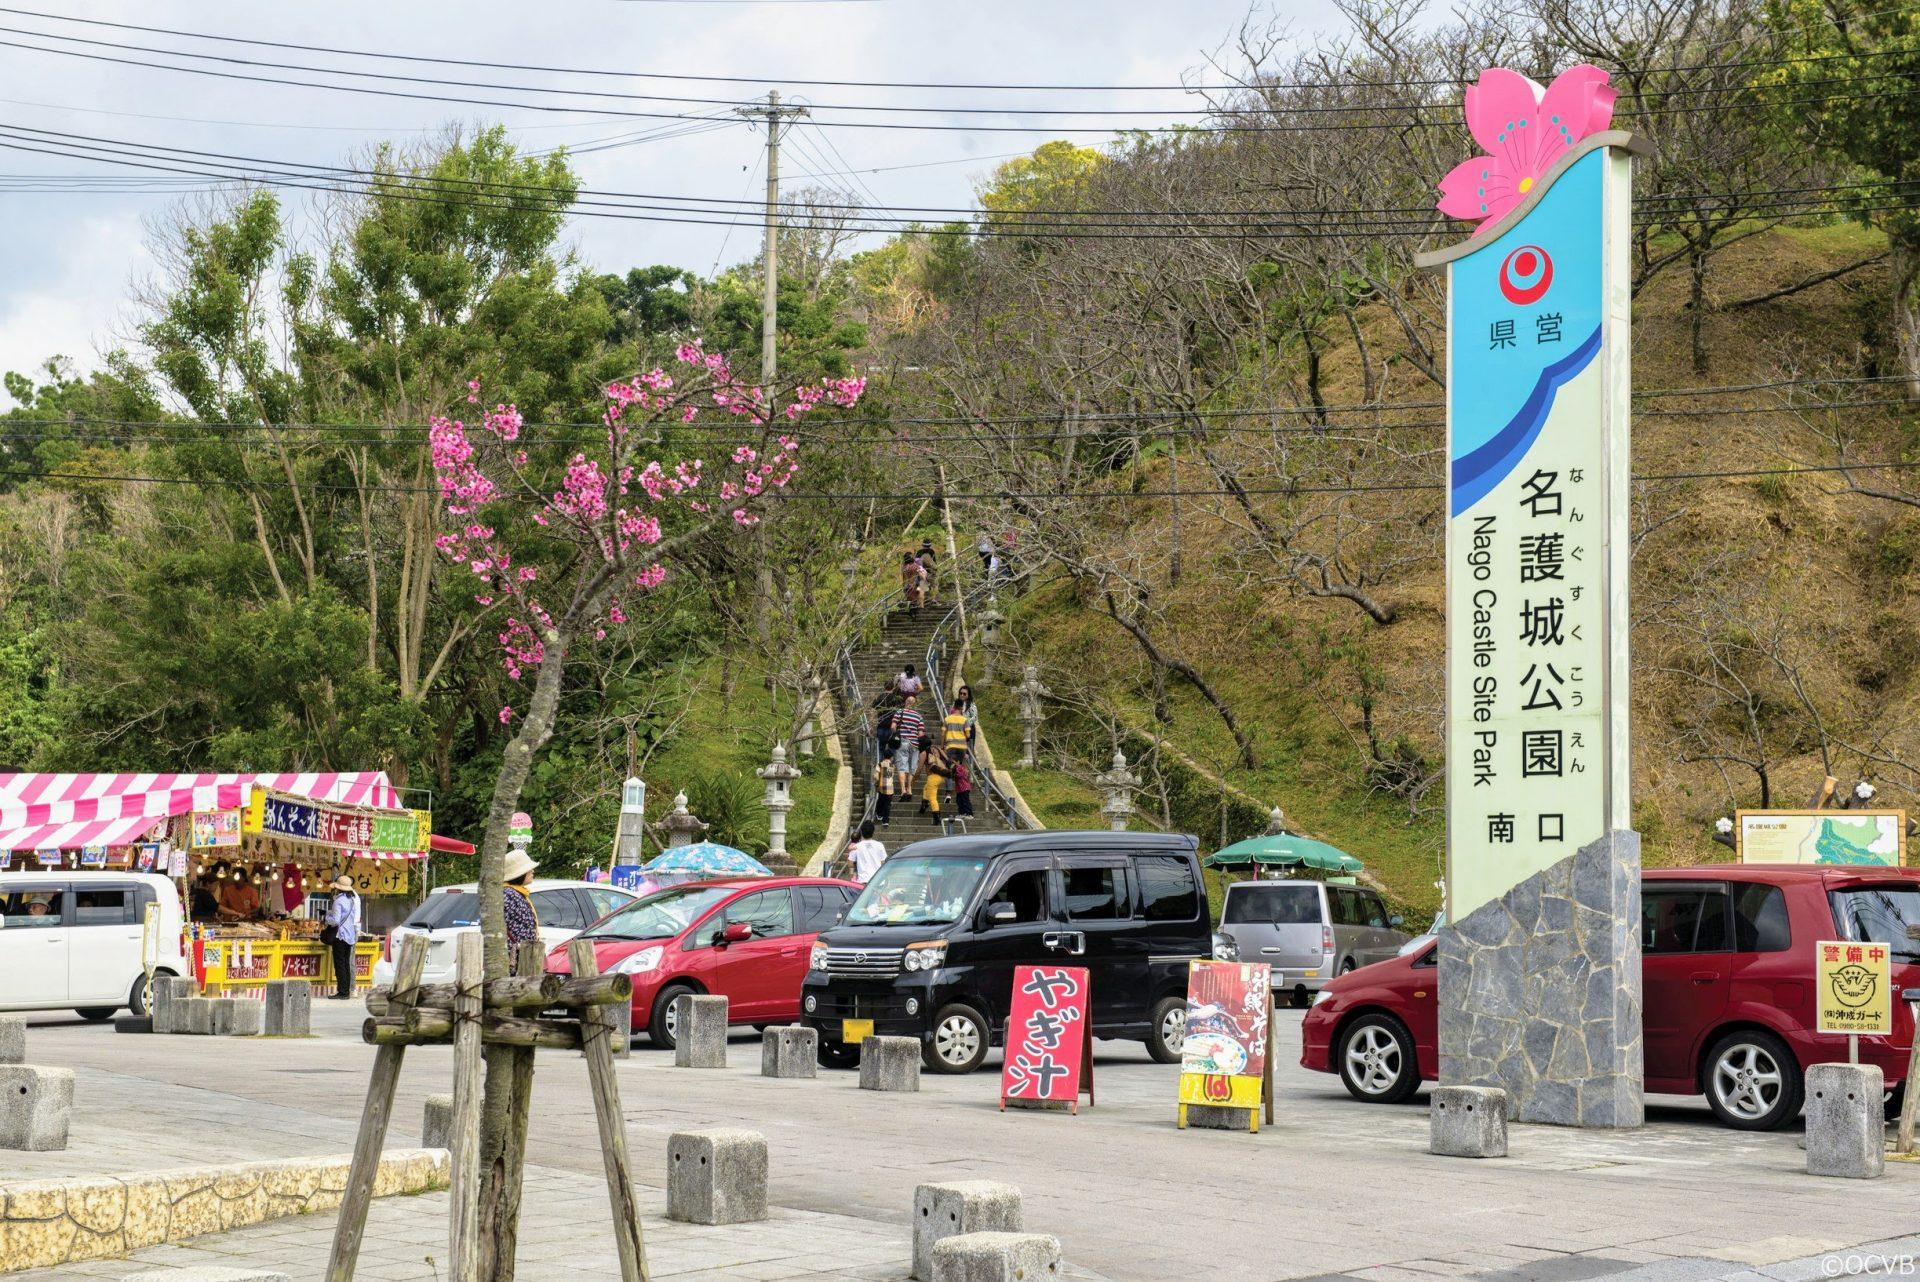 沖縄の桜祭り「名護さくら祭り」